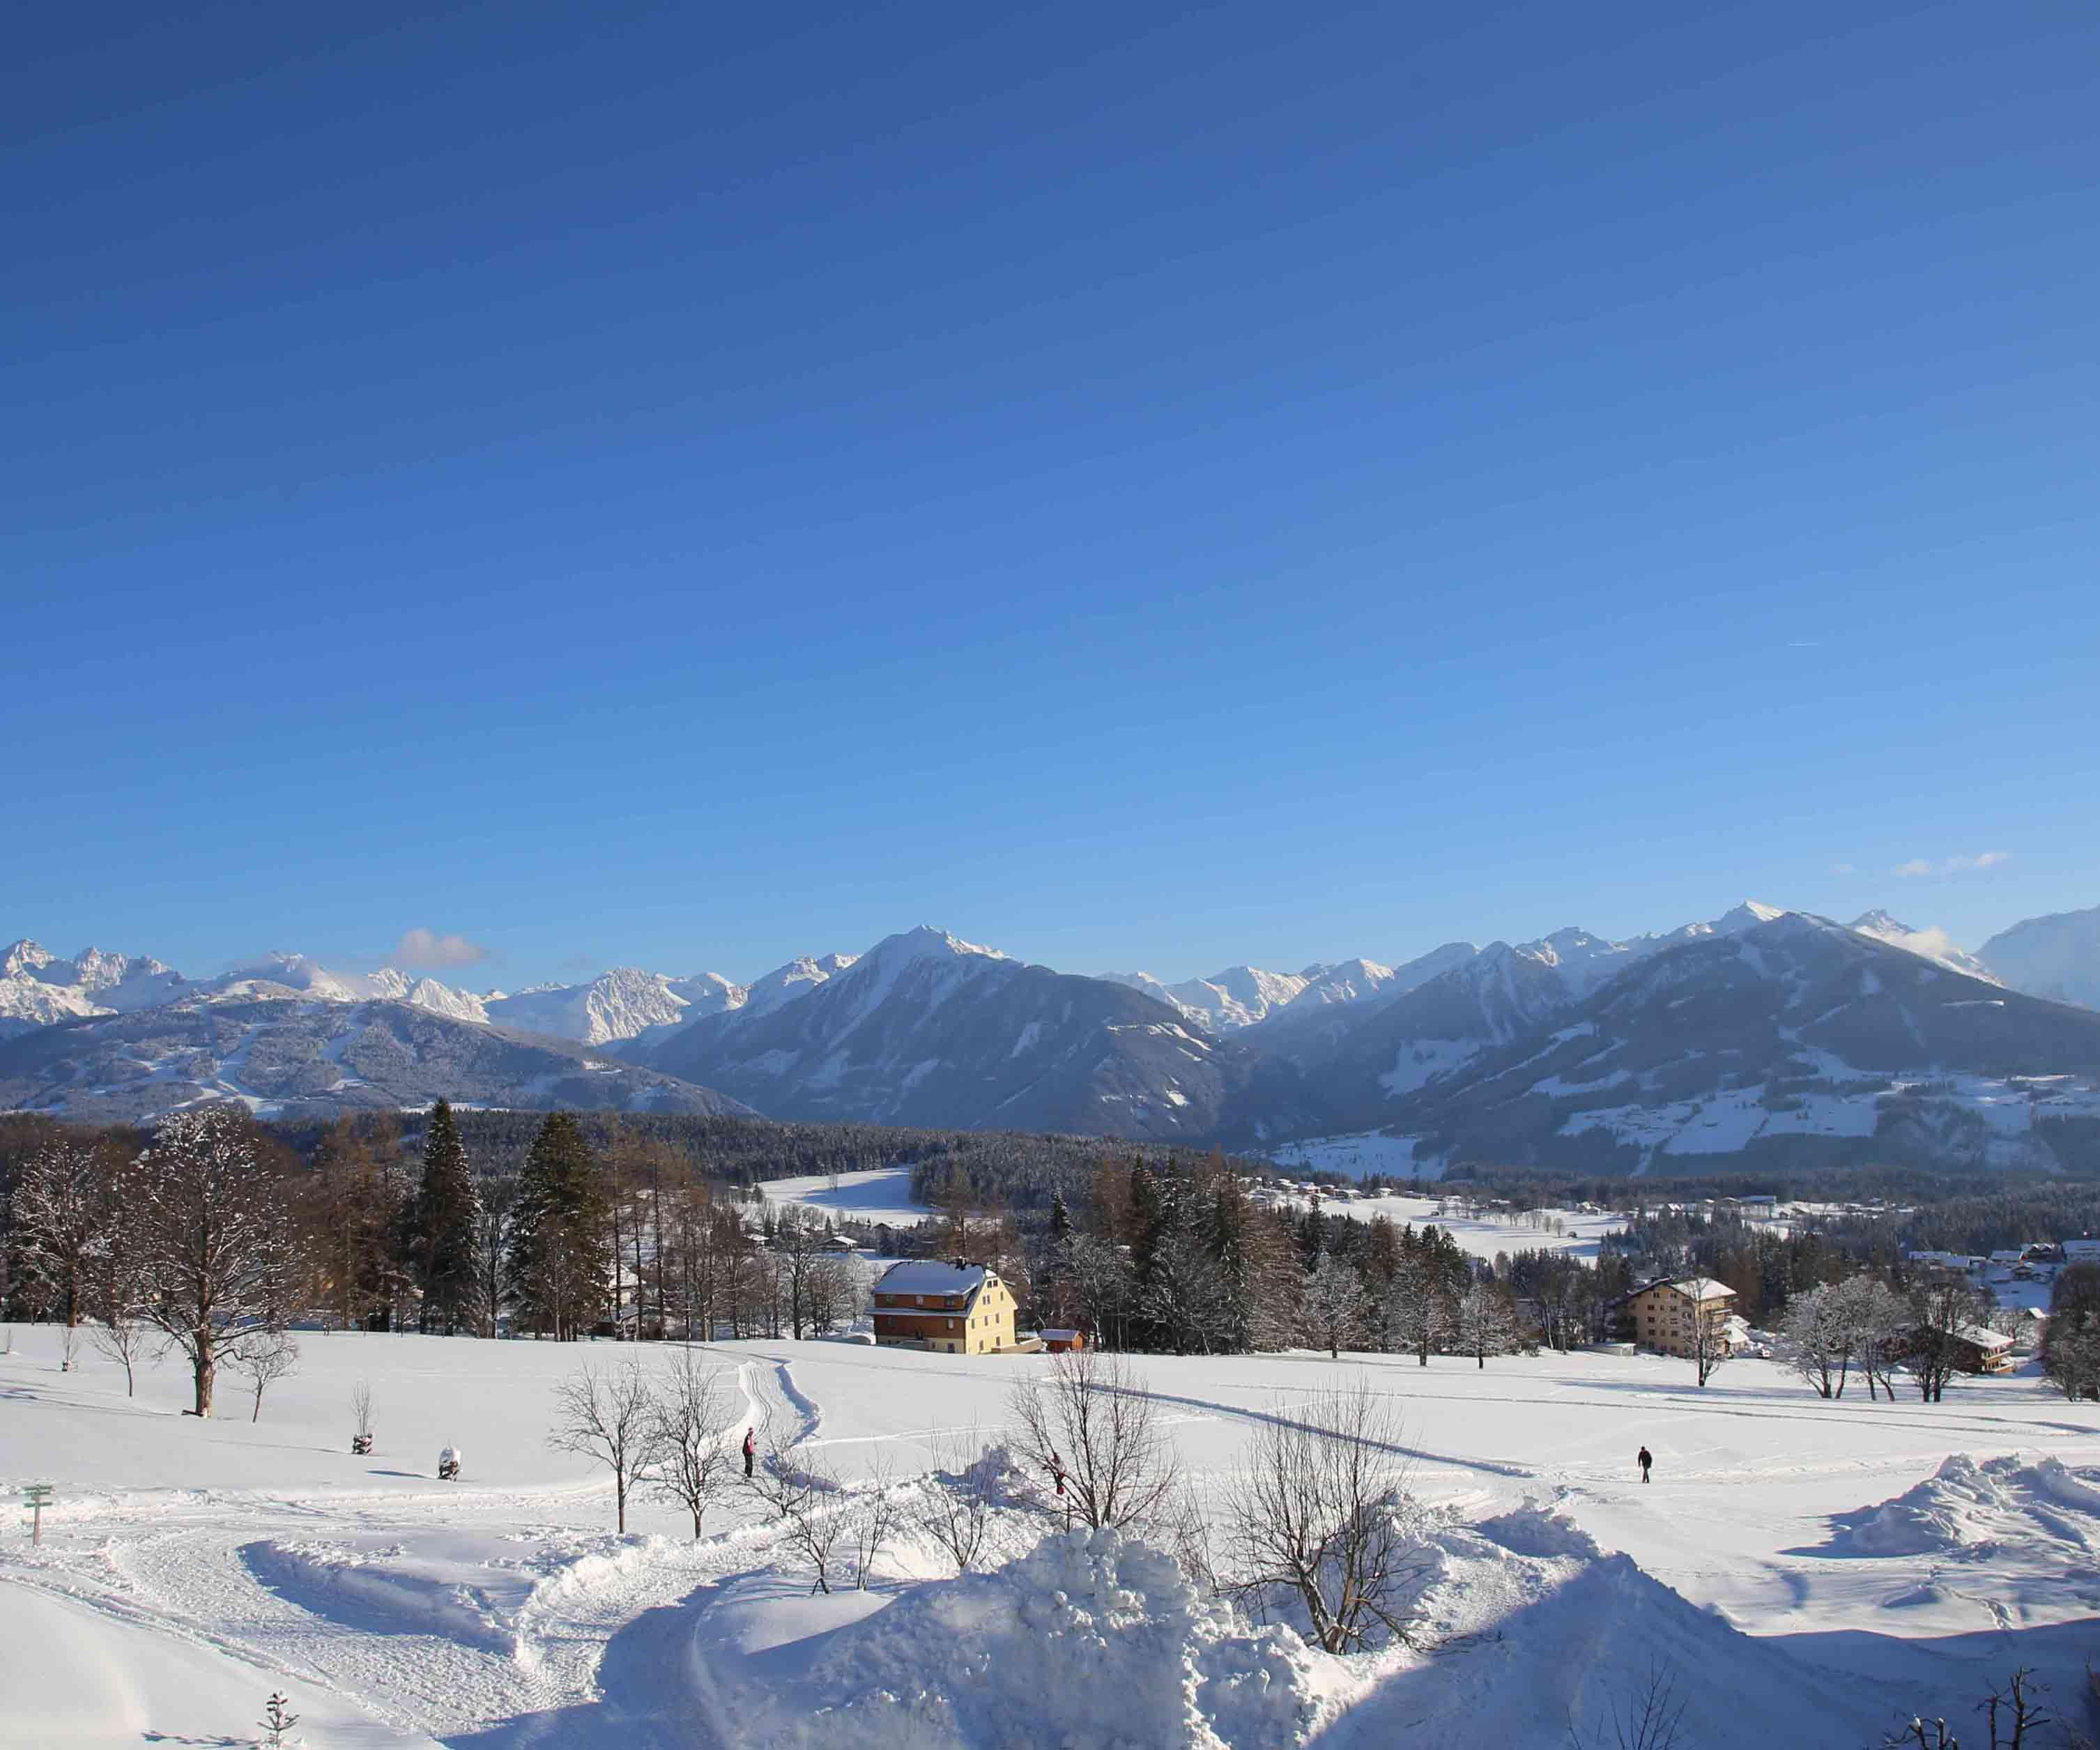 Aussicht im Winter, direkt an der Loipe